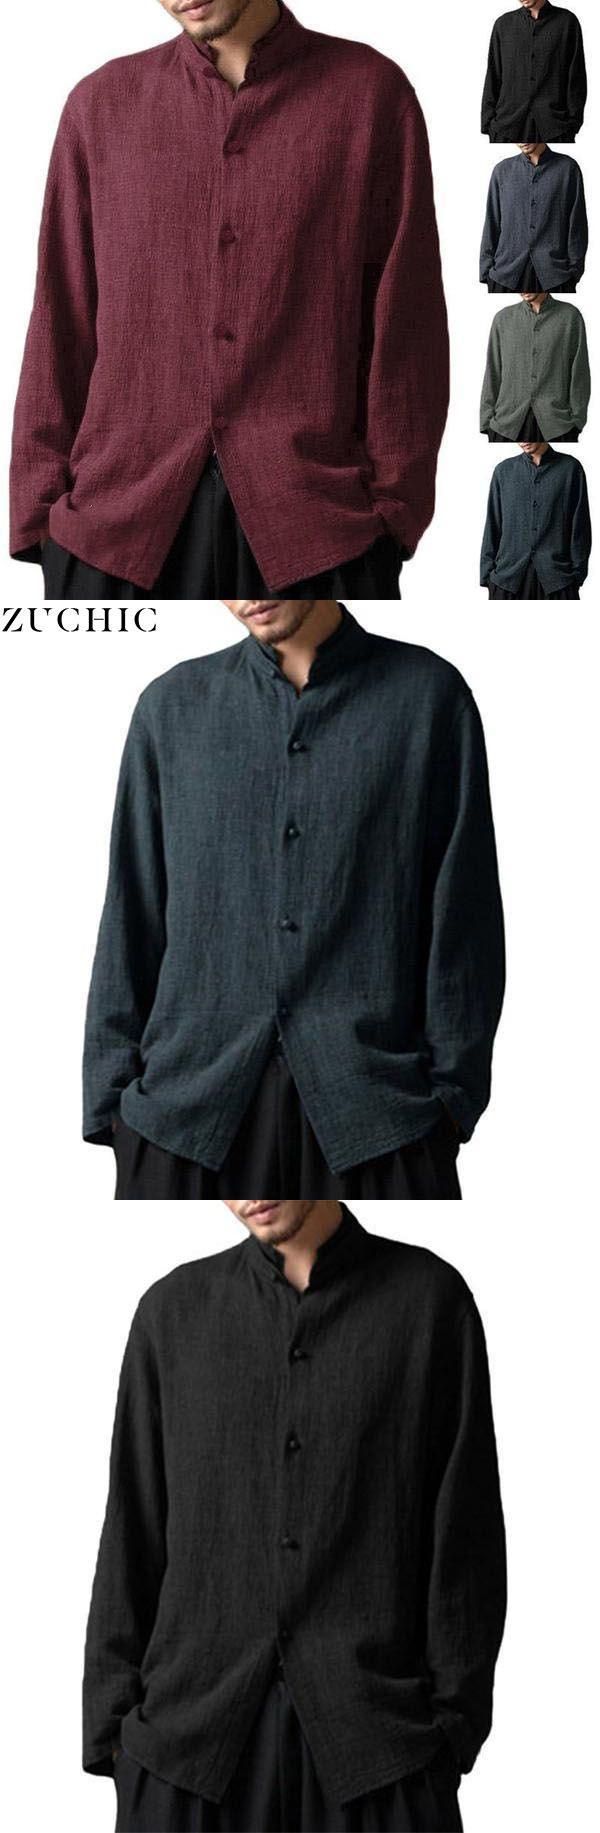 Pin Von M S Auf Bekleidung Mit Bildern  Männer Kleidung